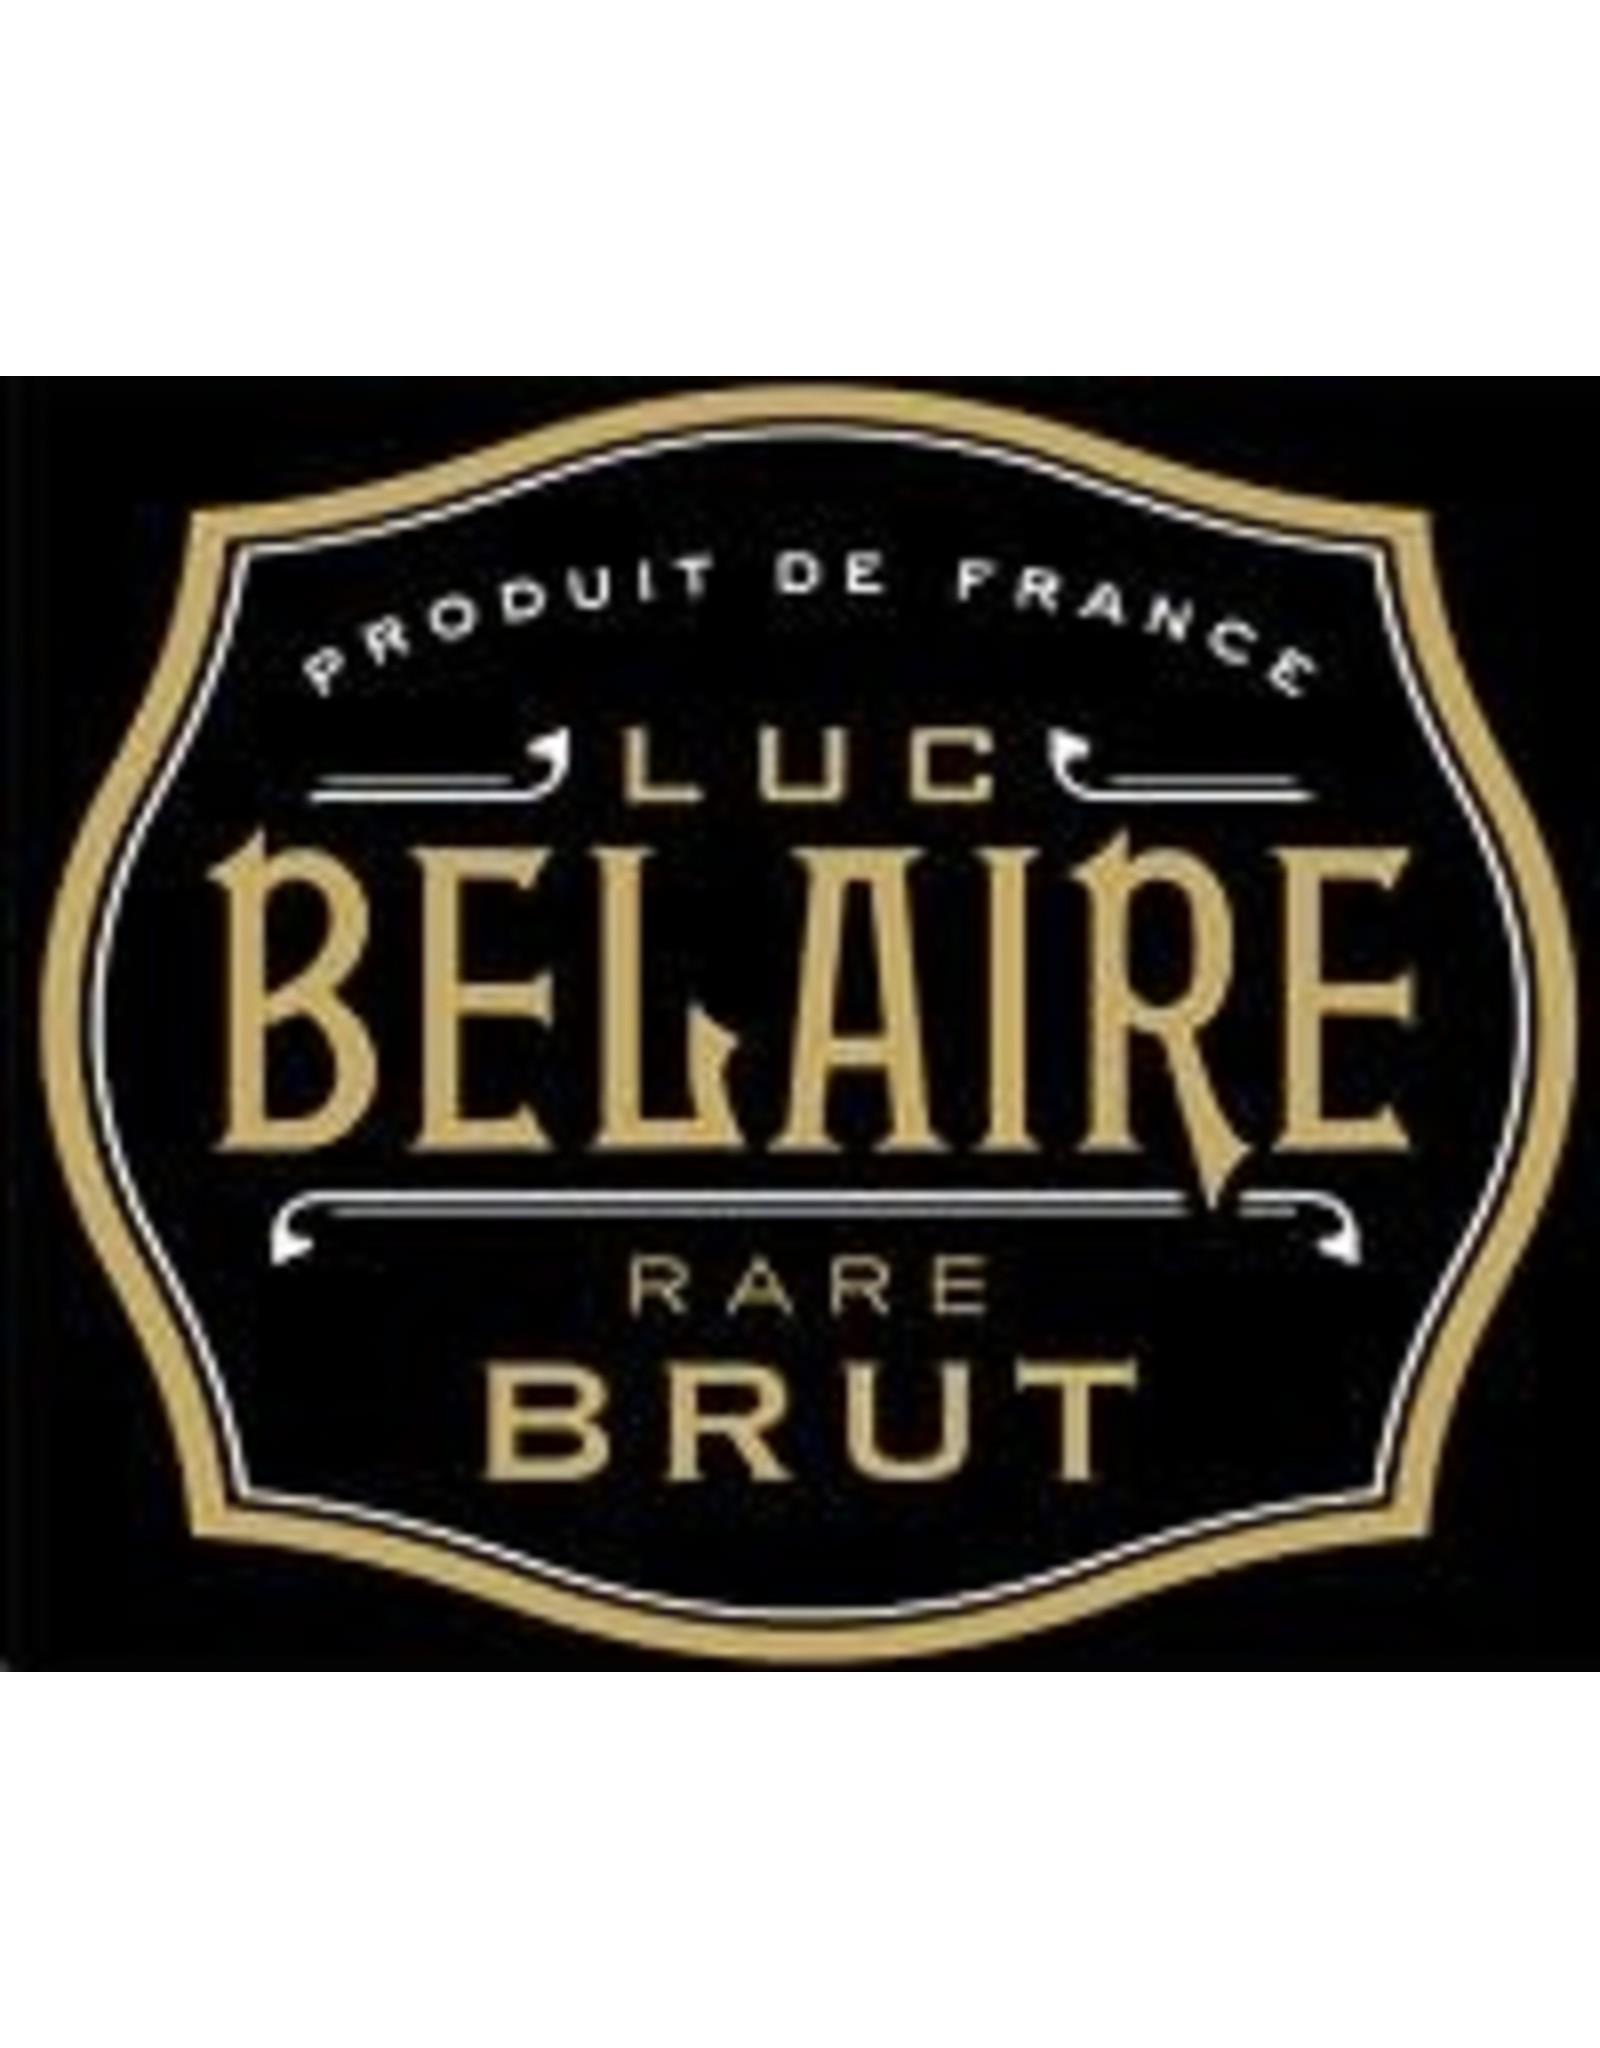 BELAIRE LUC RARE BRUT 750ML